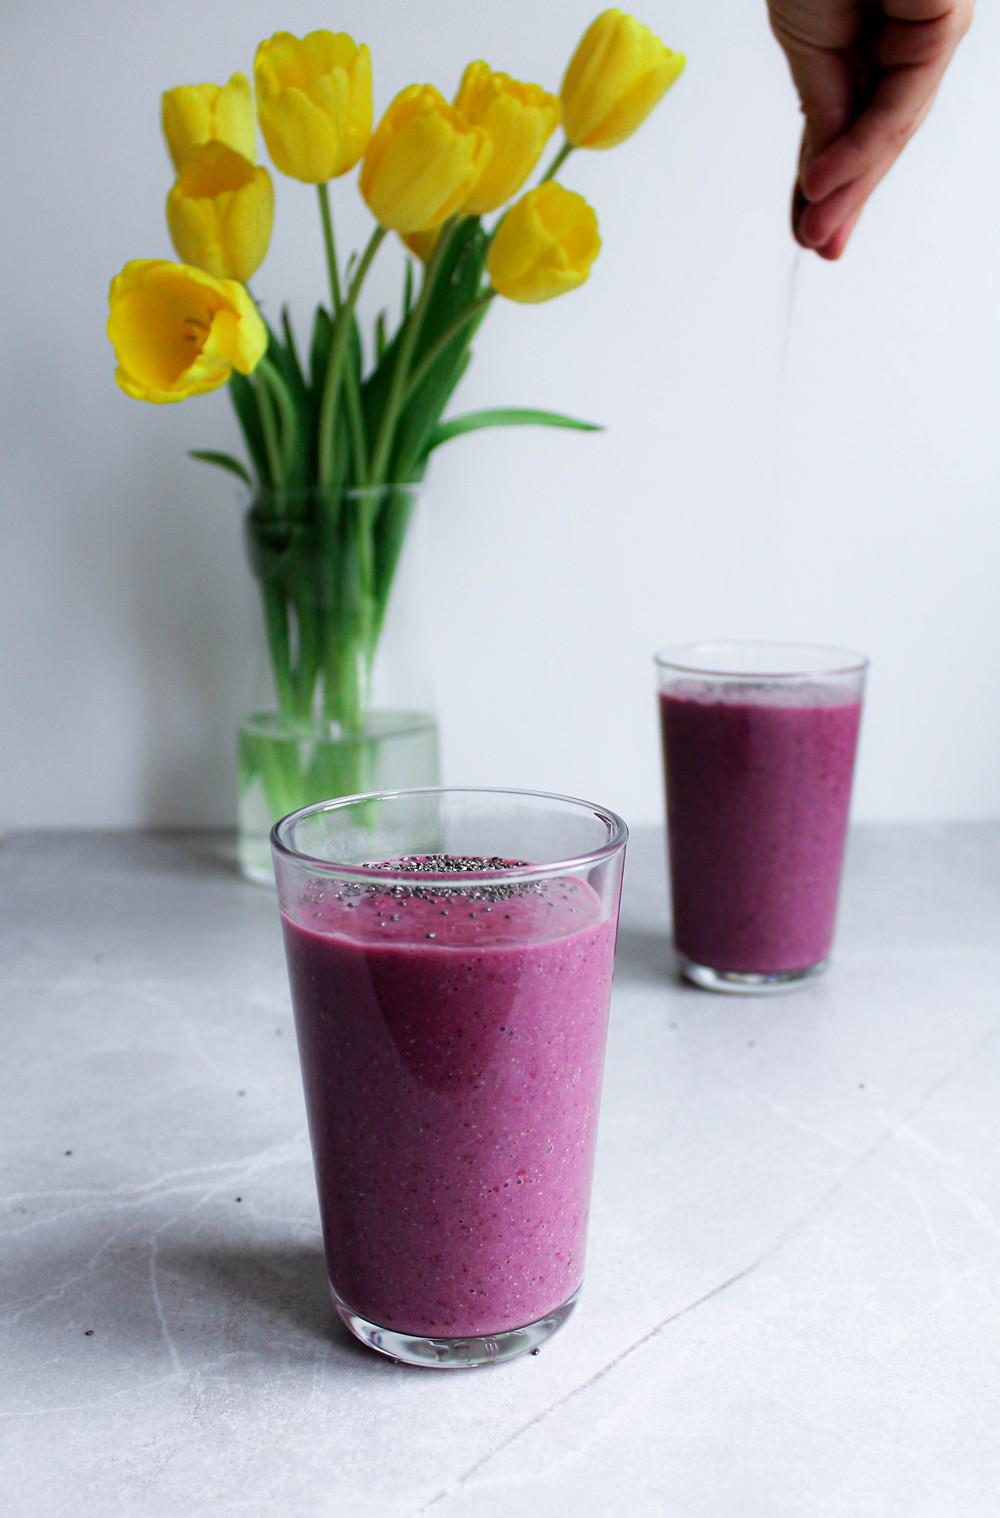 See põldmarja smuuti on hea vahepala. Annab kehale energiat, vitamiine ja mineraale. Chia seemned teevad selle mõnusalt krõpsuvaks. Võta see endaga kaasa kuhu soovid ja naudi millal vajad energiat juurde!